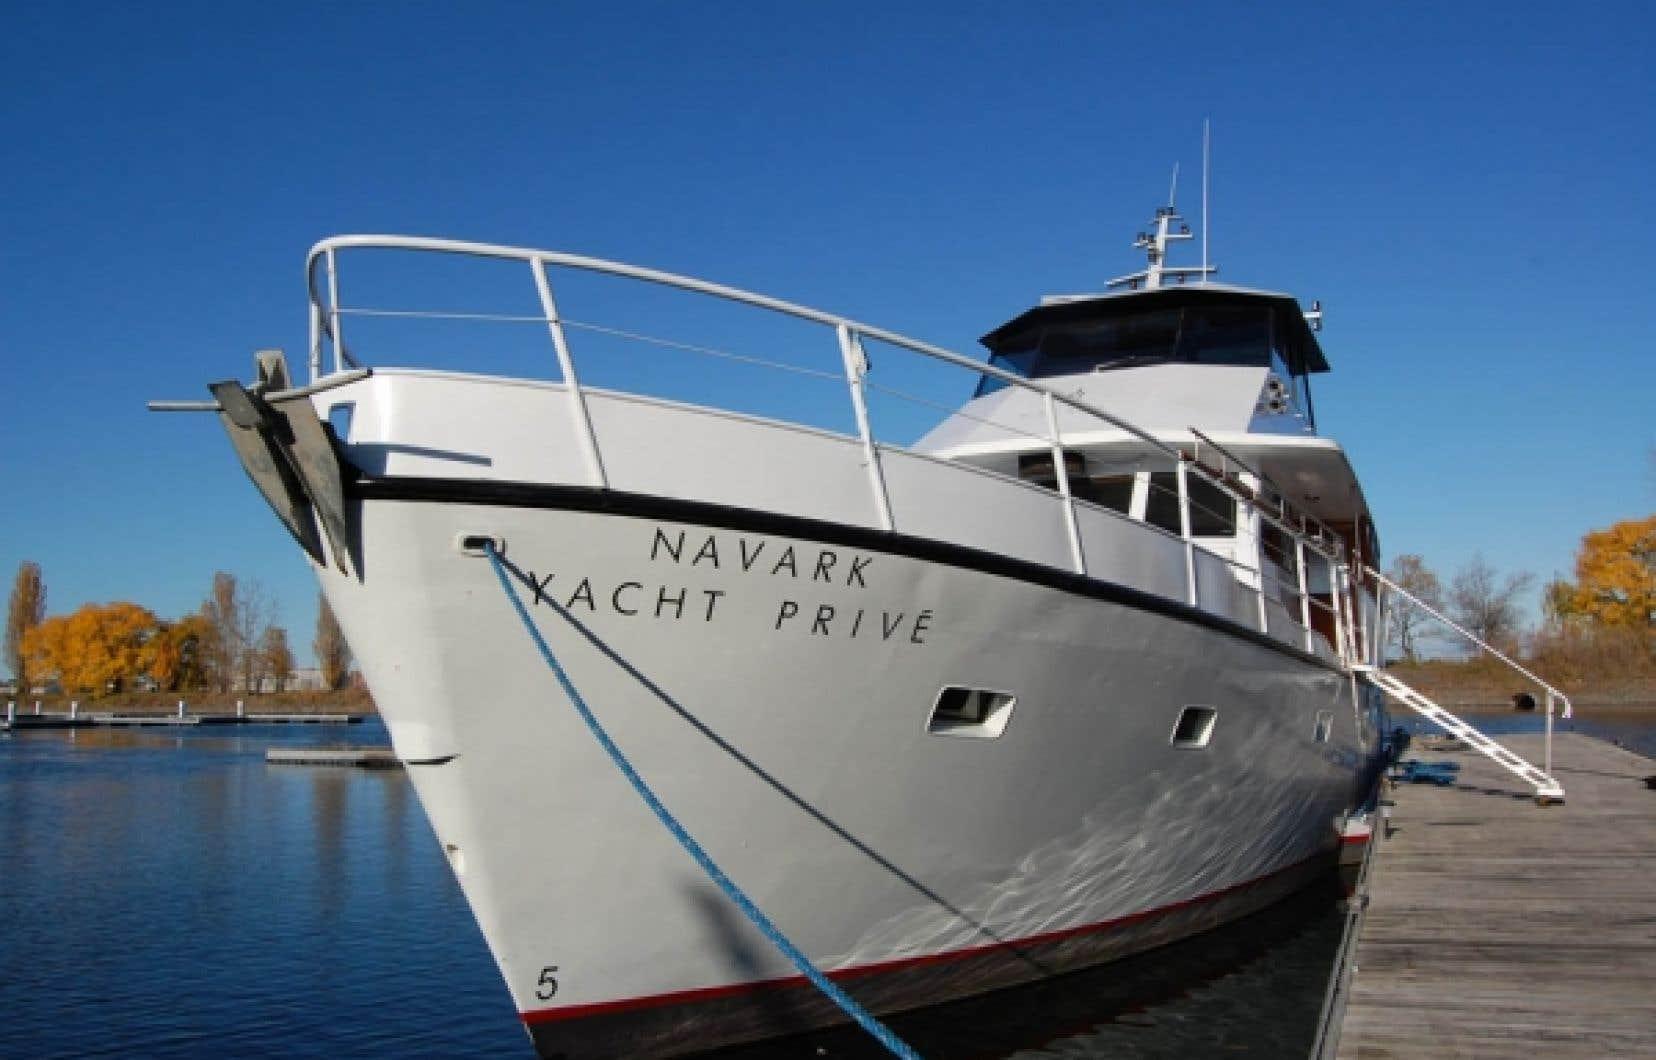 Navark propose des croisières sur mesure et la possibilité de profiter d'une île privée.